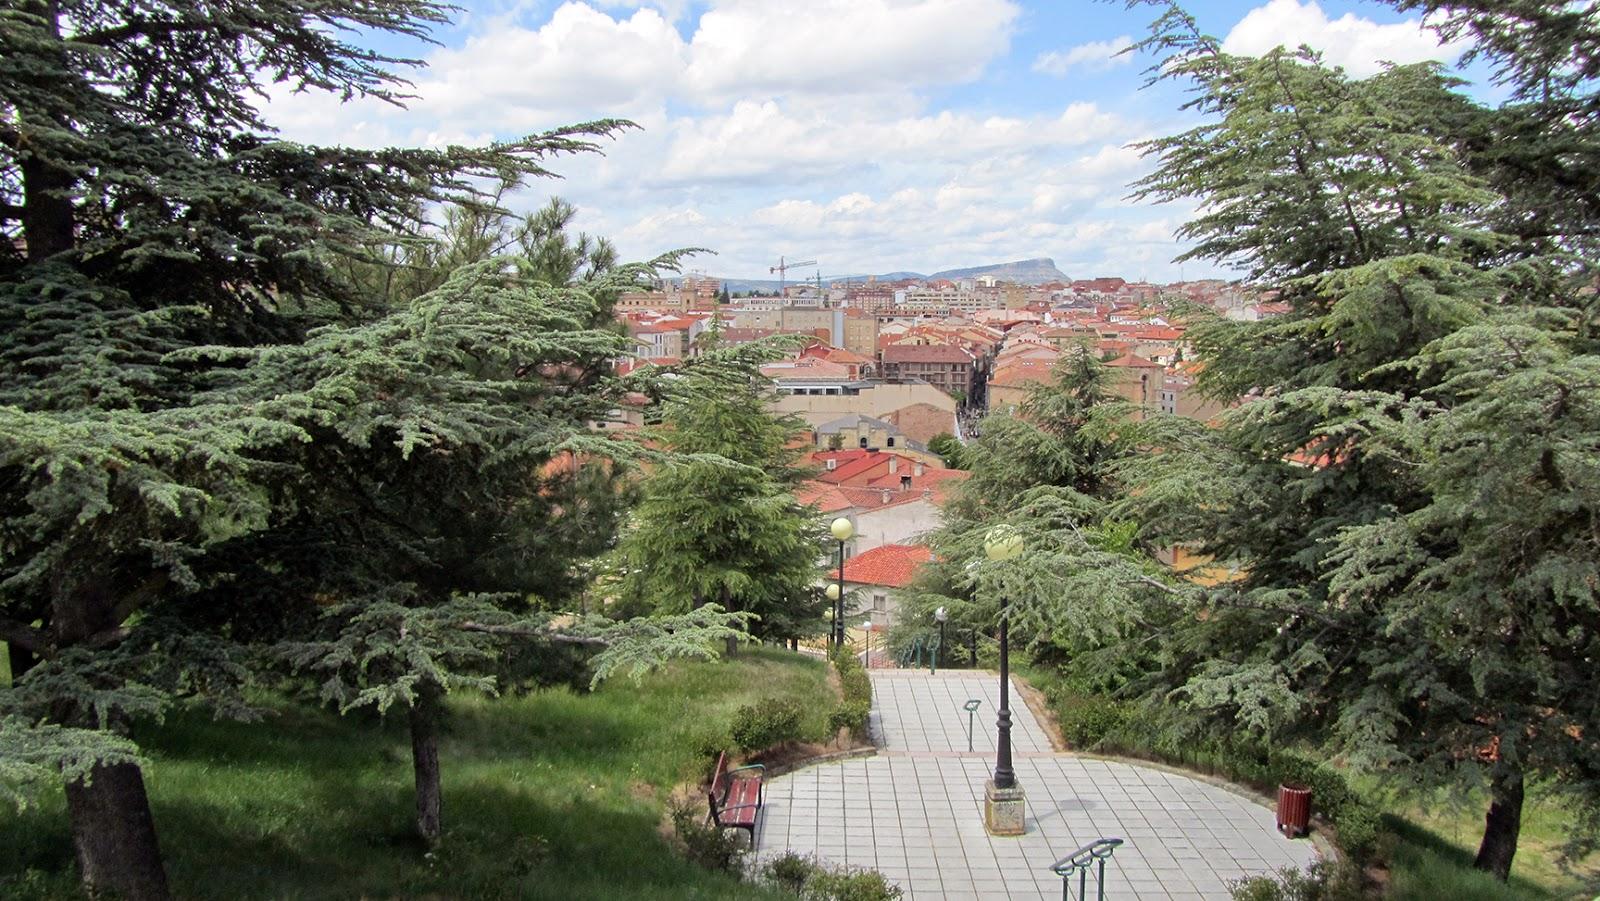 Escaleras hacia el Parque del Castillo en Soria_ameiseblog